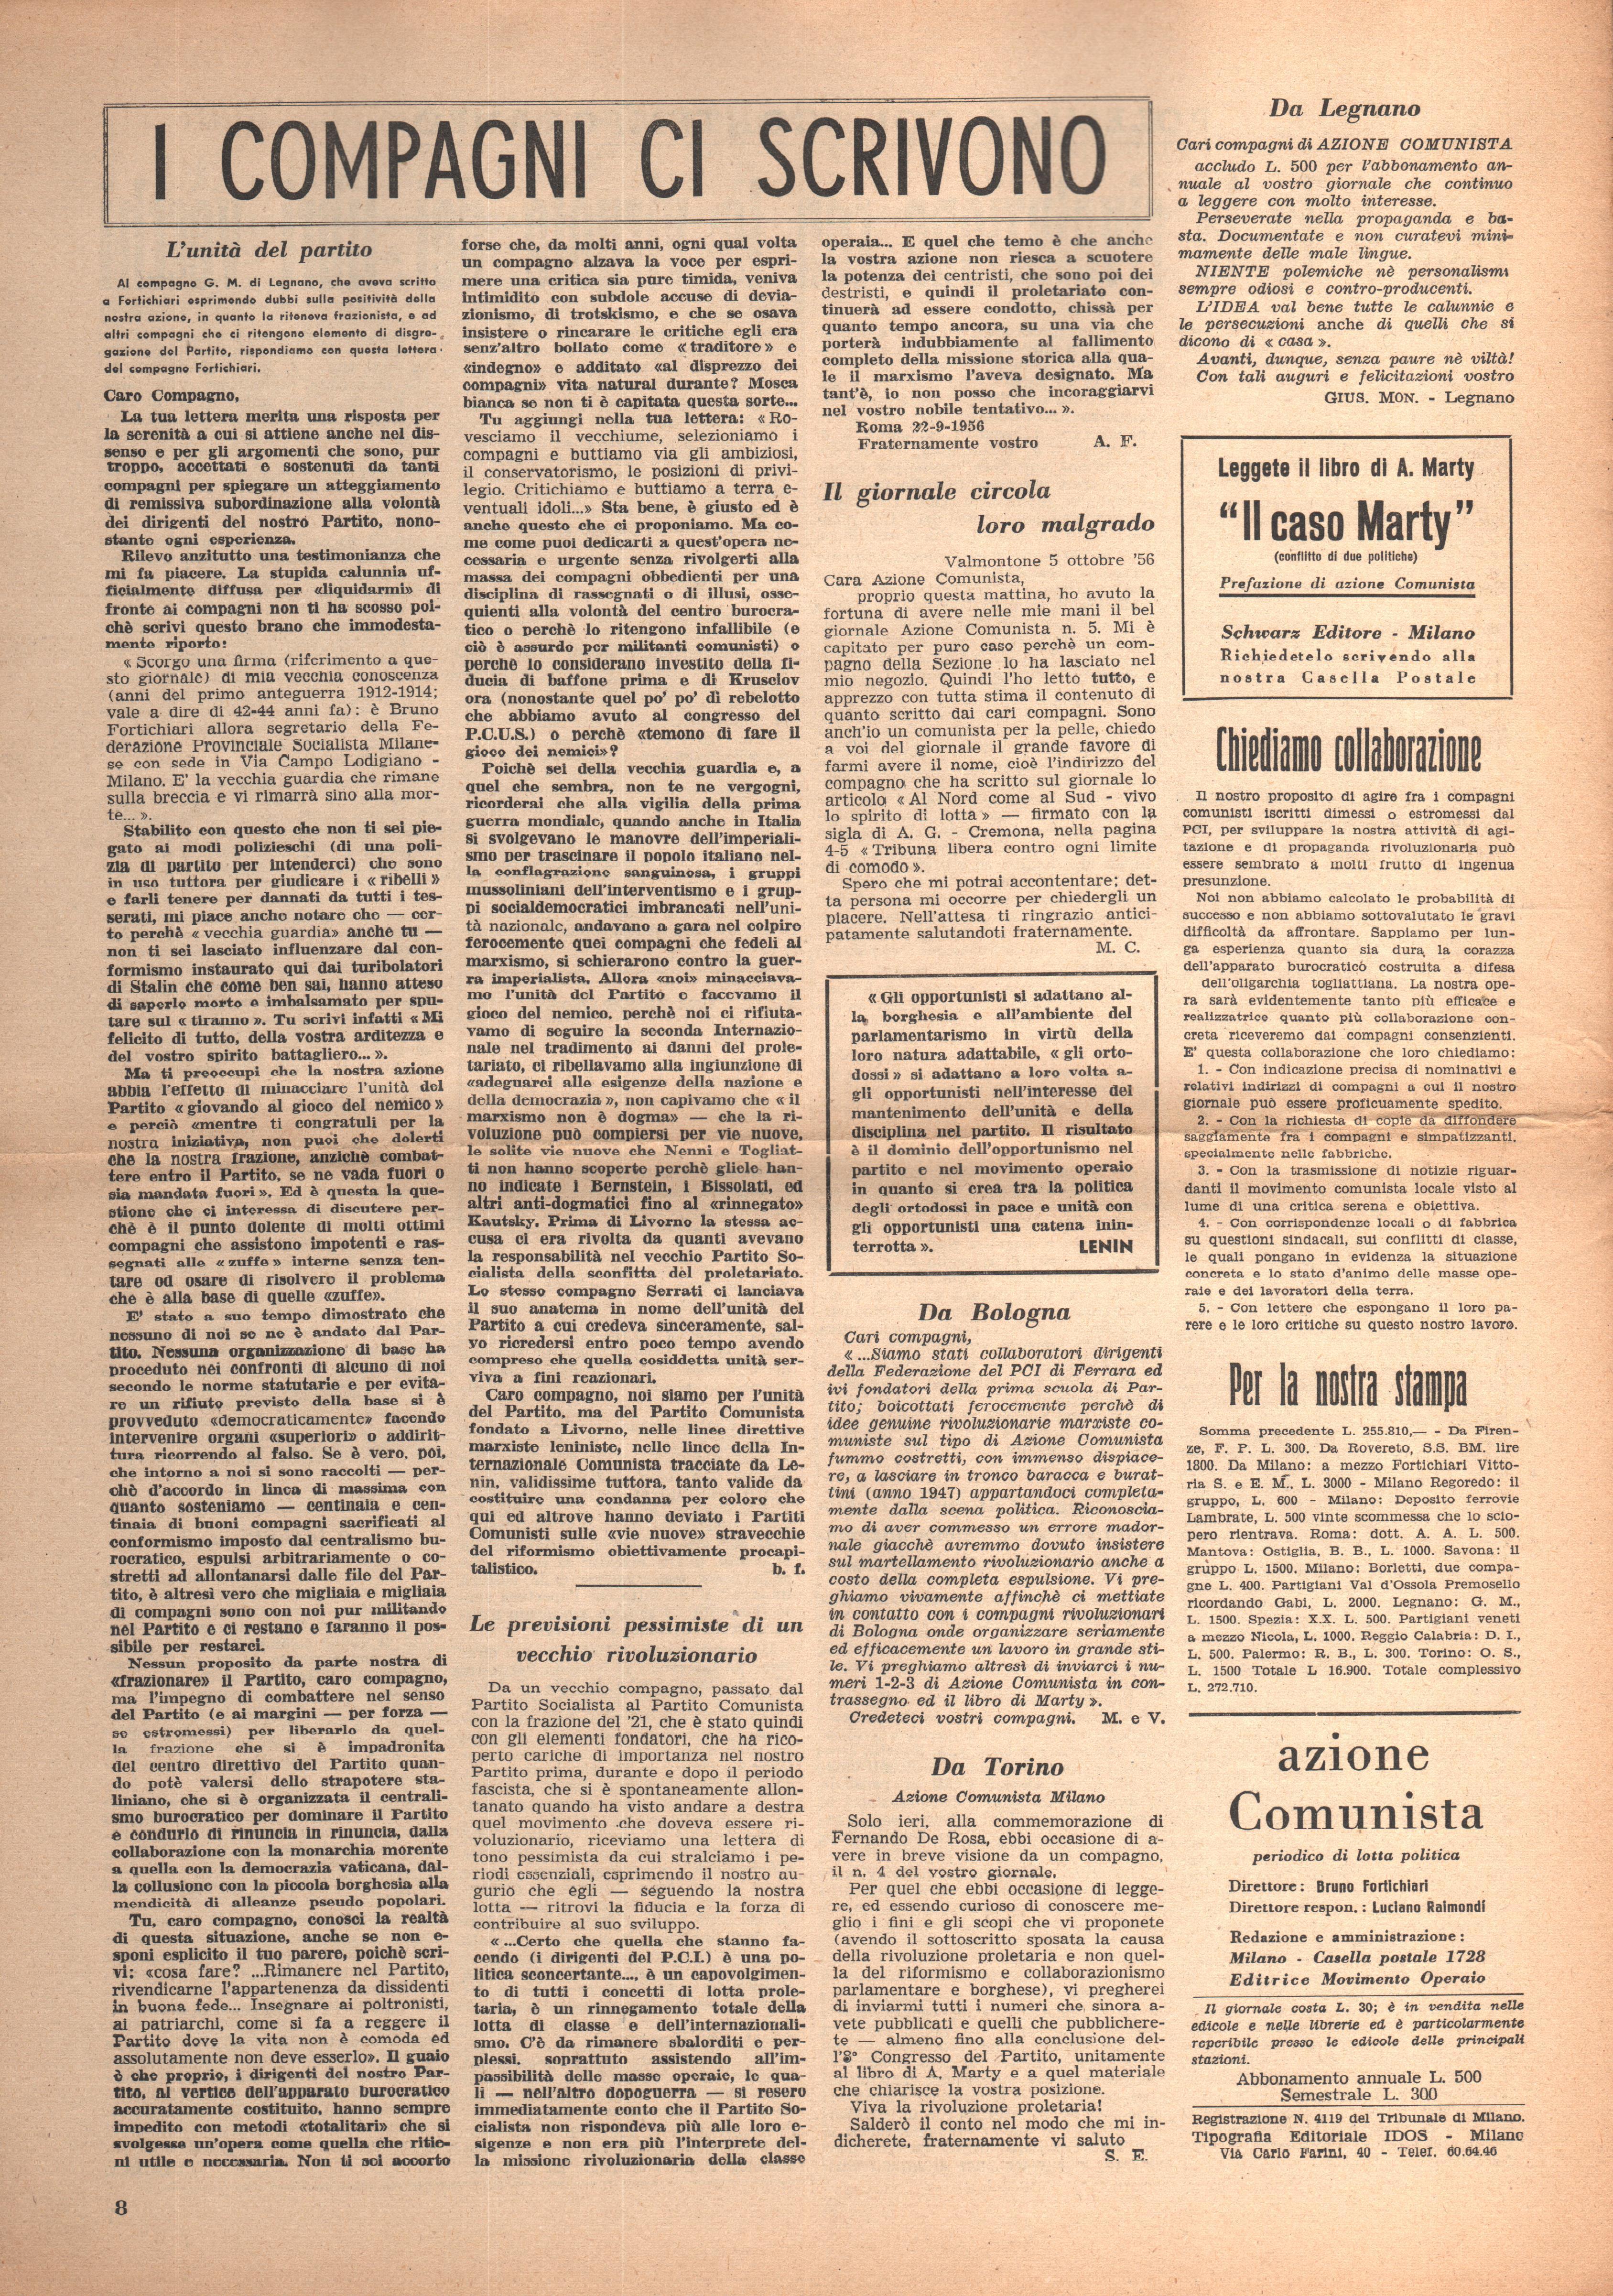 Azione Comunista 6 - pag. 08